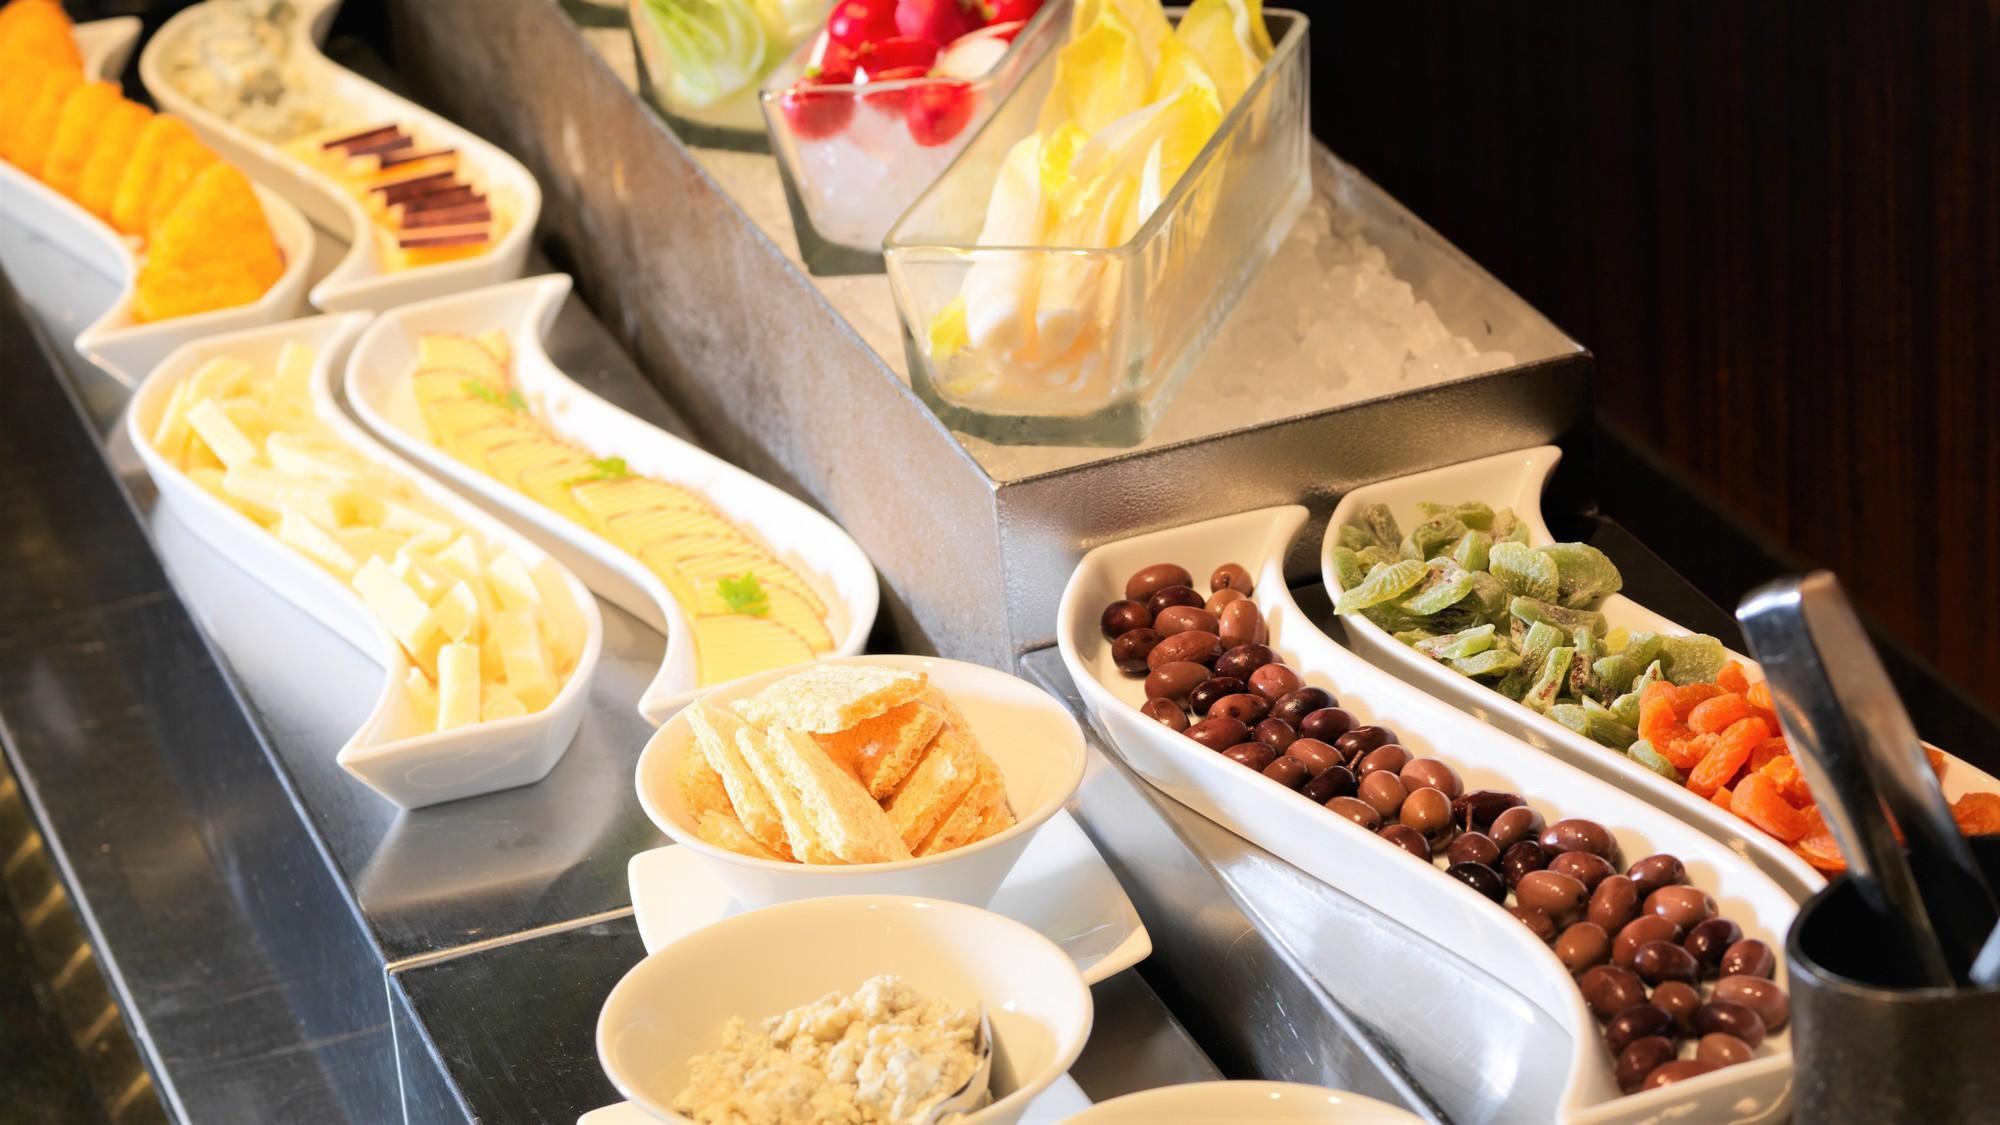 【森ビュッフェ】彩り豊かで新鮮な野菜がたっぷりの冷製コーナー(夕食イメージ)